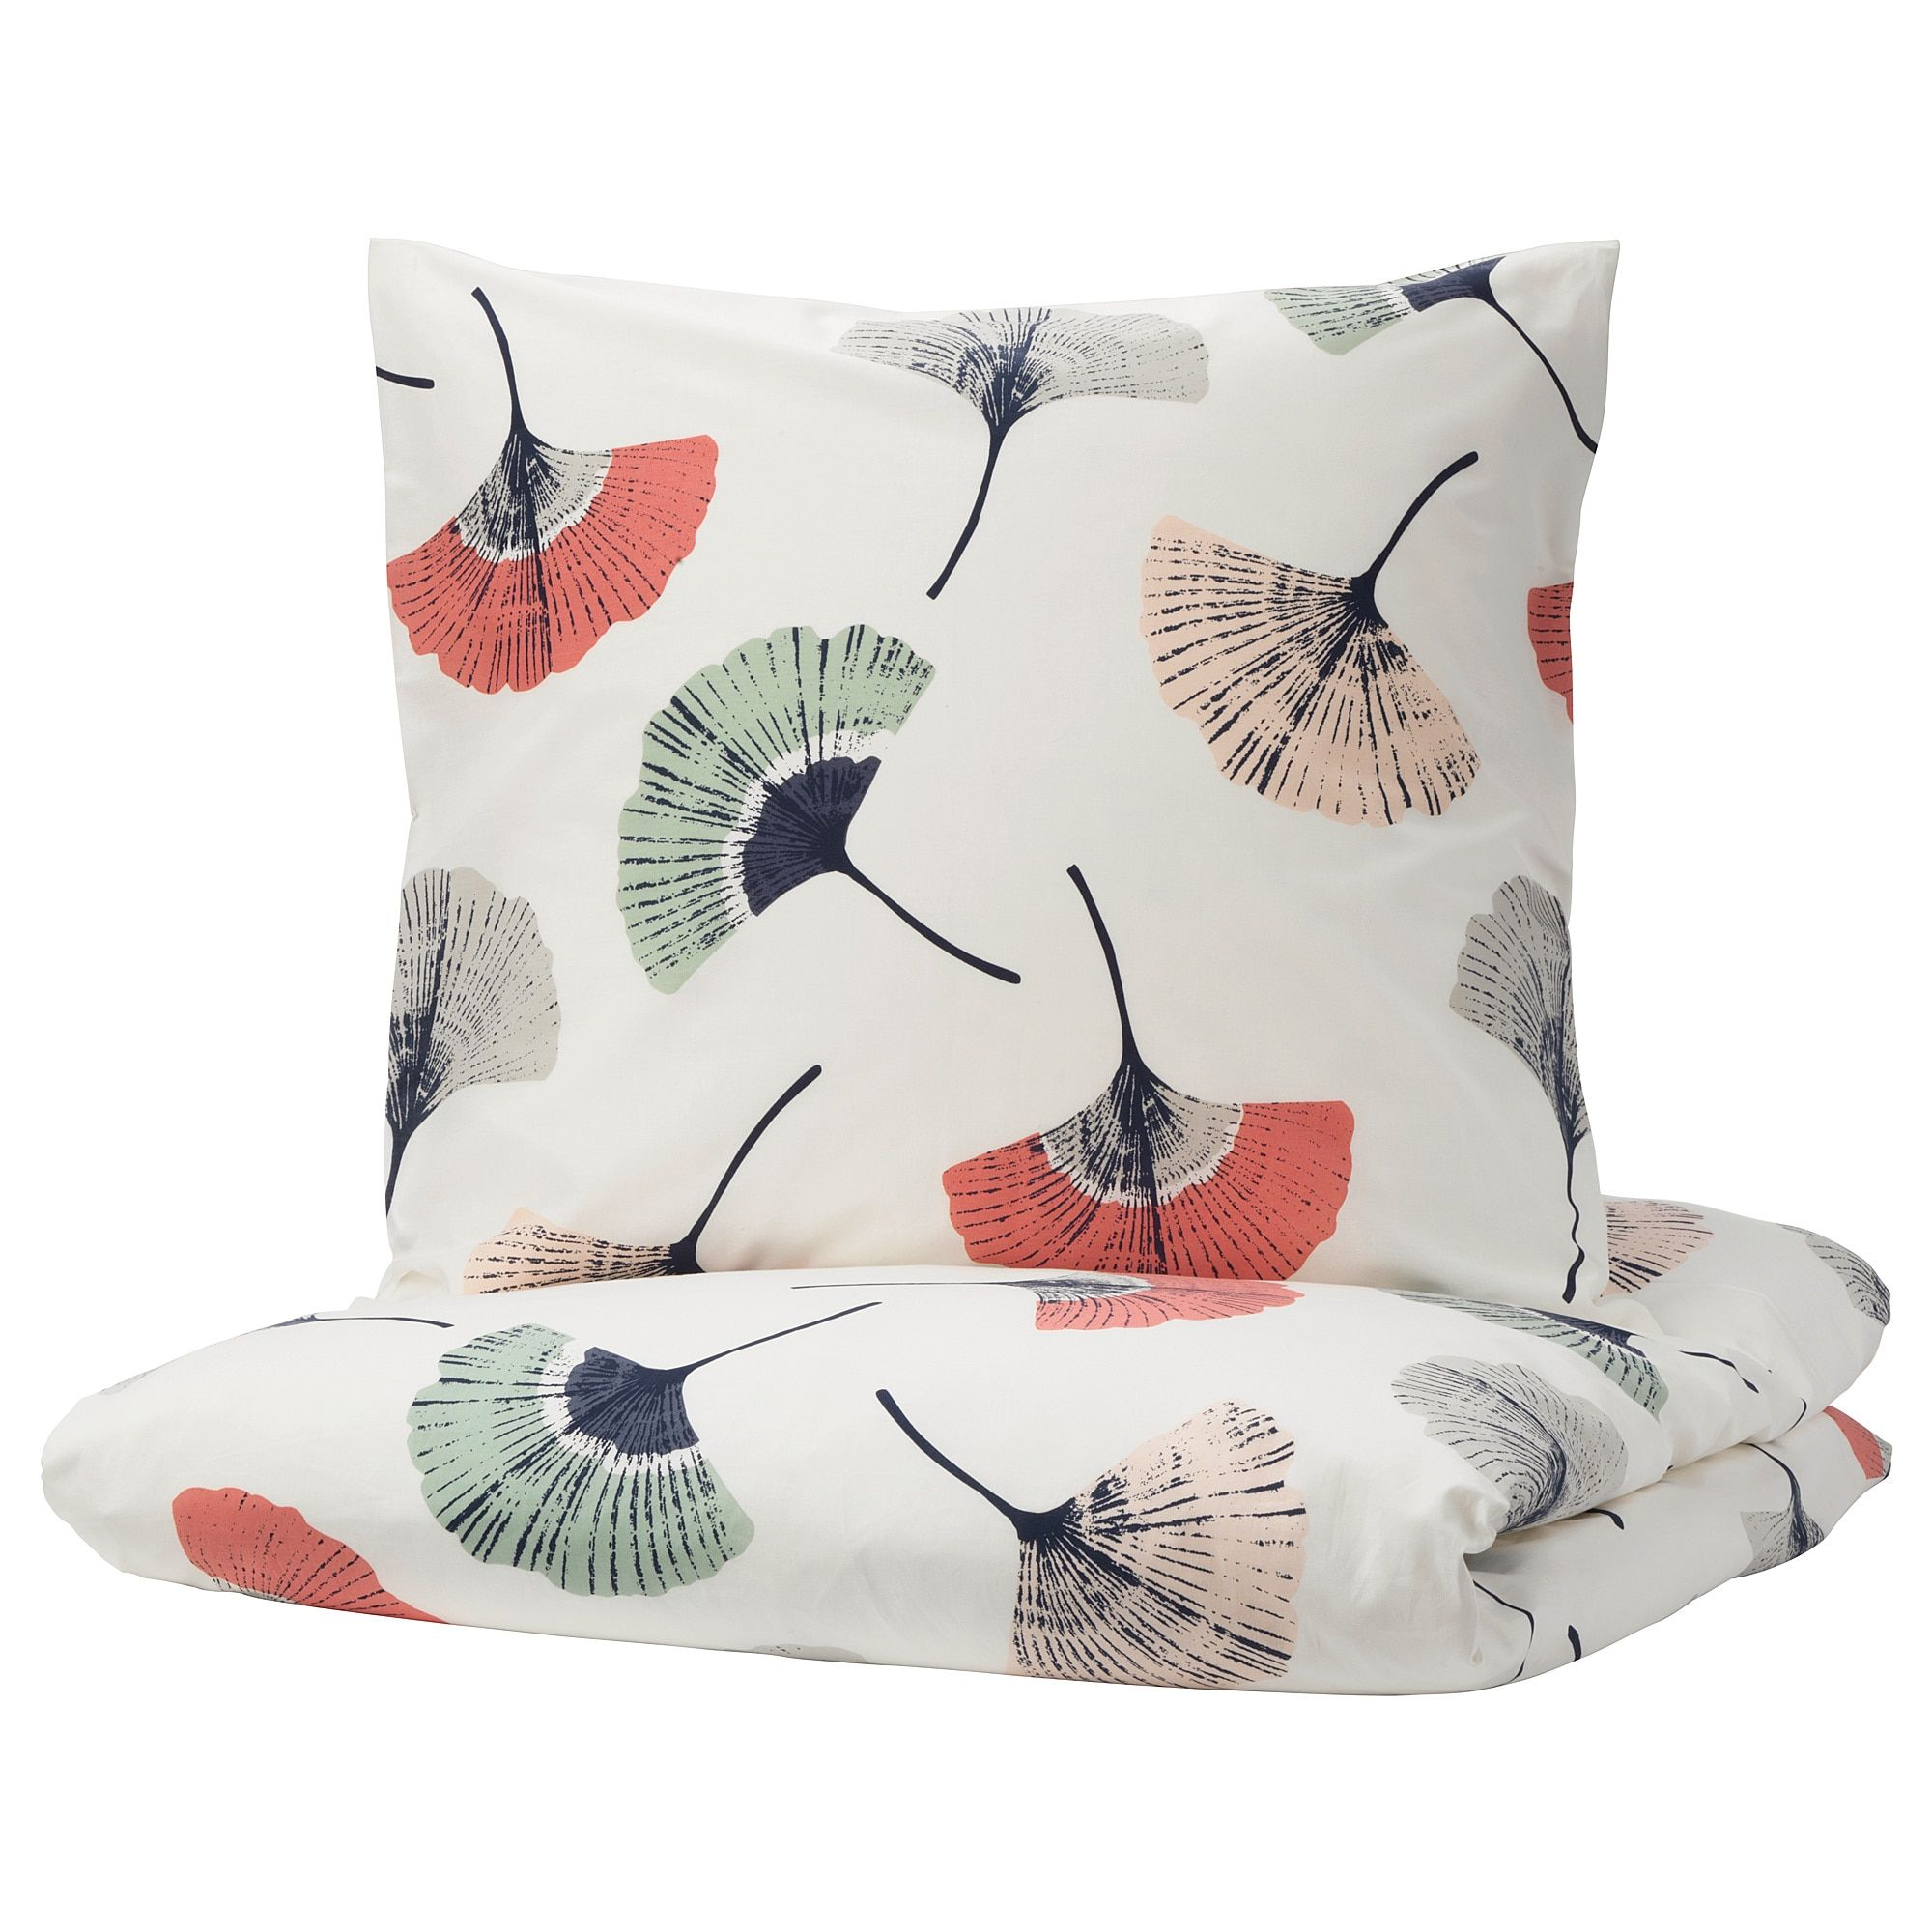 Ikea Tovsippa Housse De Couette Et 2 Taies Blanc A Motif Floral 100 Coton Un Materiau Doux Et Durable Qui S Ado Housse De Couette Couette Parure De Lit